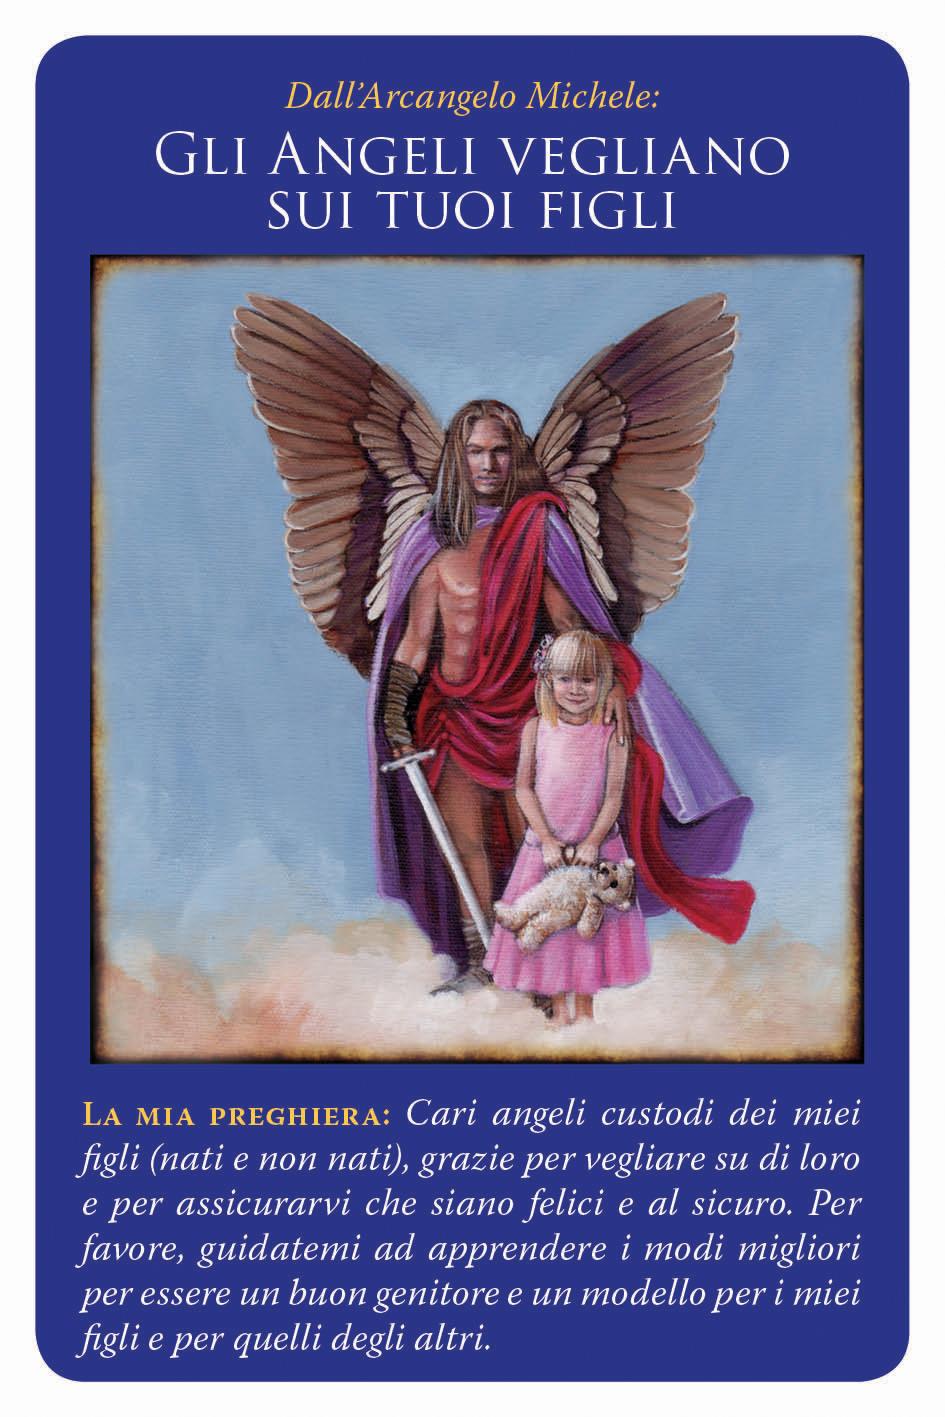 carte arcangelo michele - gli angeli vegliano sui tuoi figli